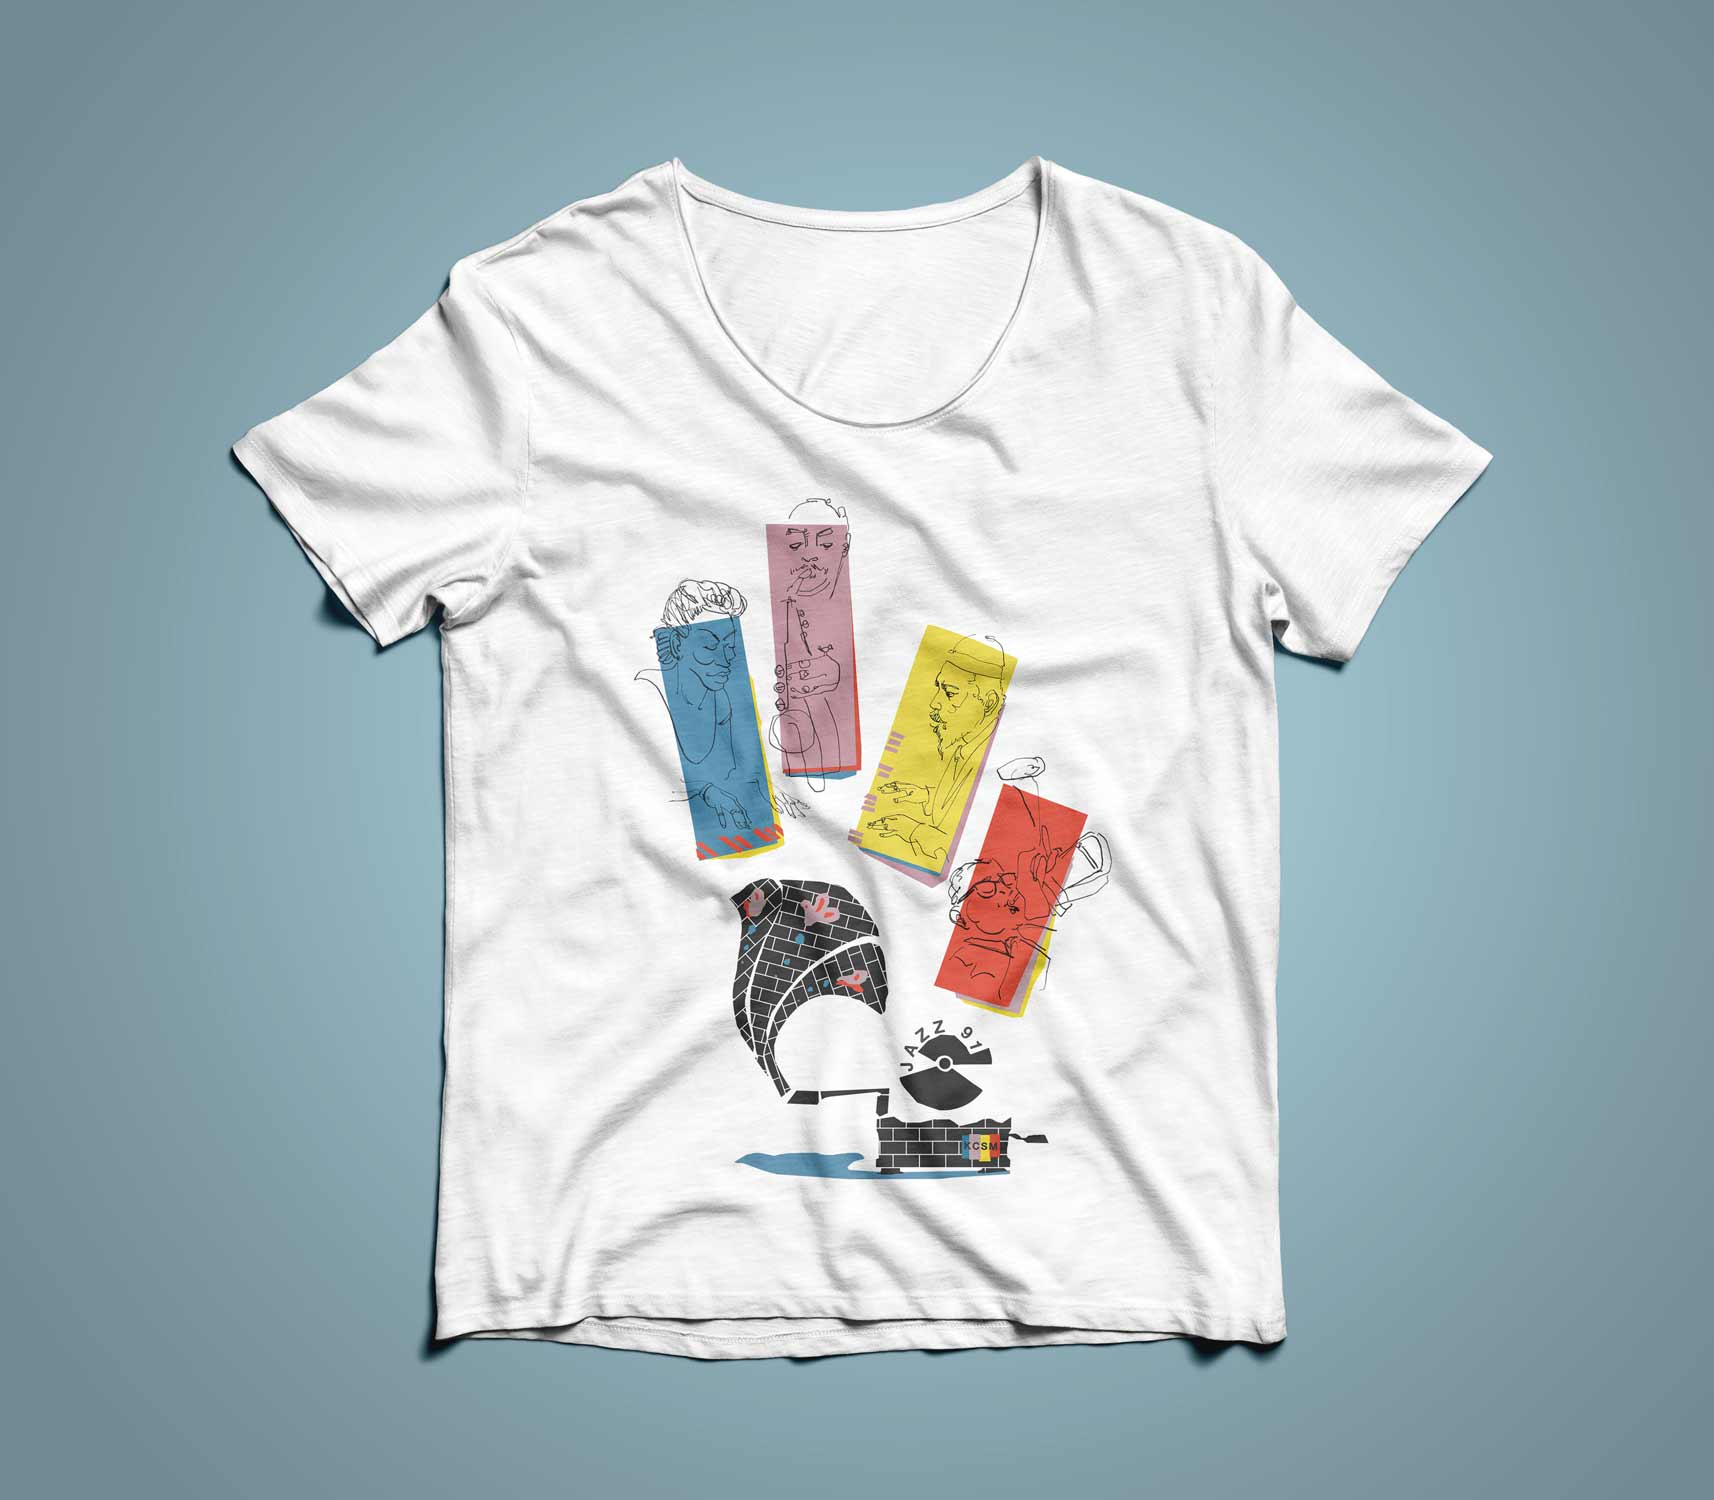 Bebop Royalty Finished T-Shirt Design for KCSM Jazz Radio